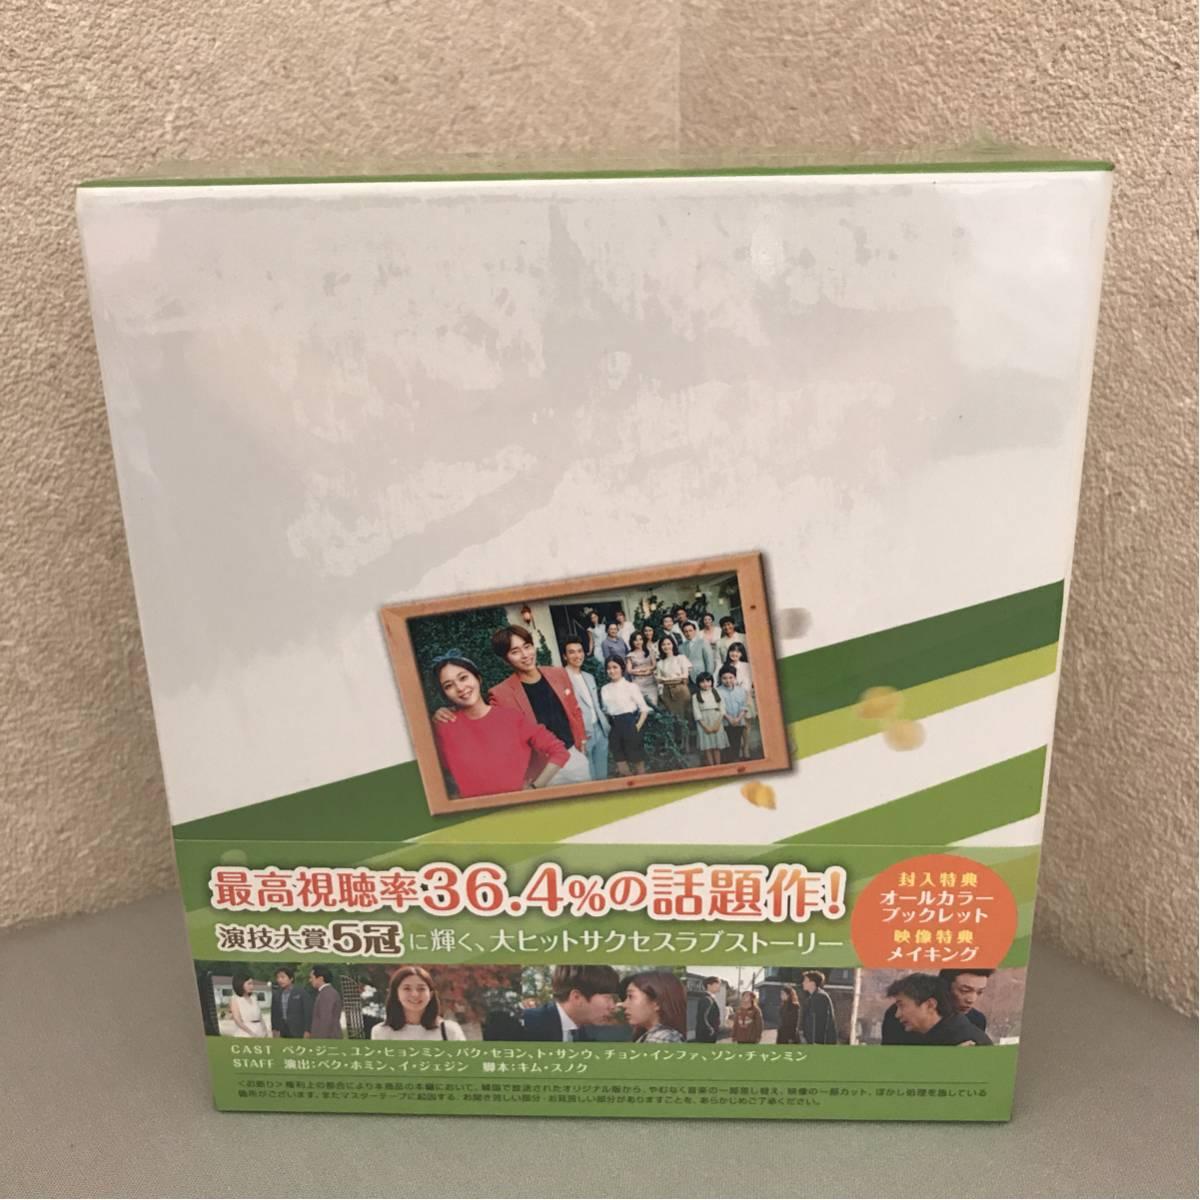 いとしのクム・サウォル コンプリートスリムBOX DVD